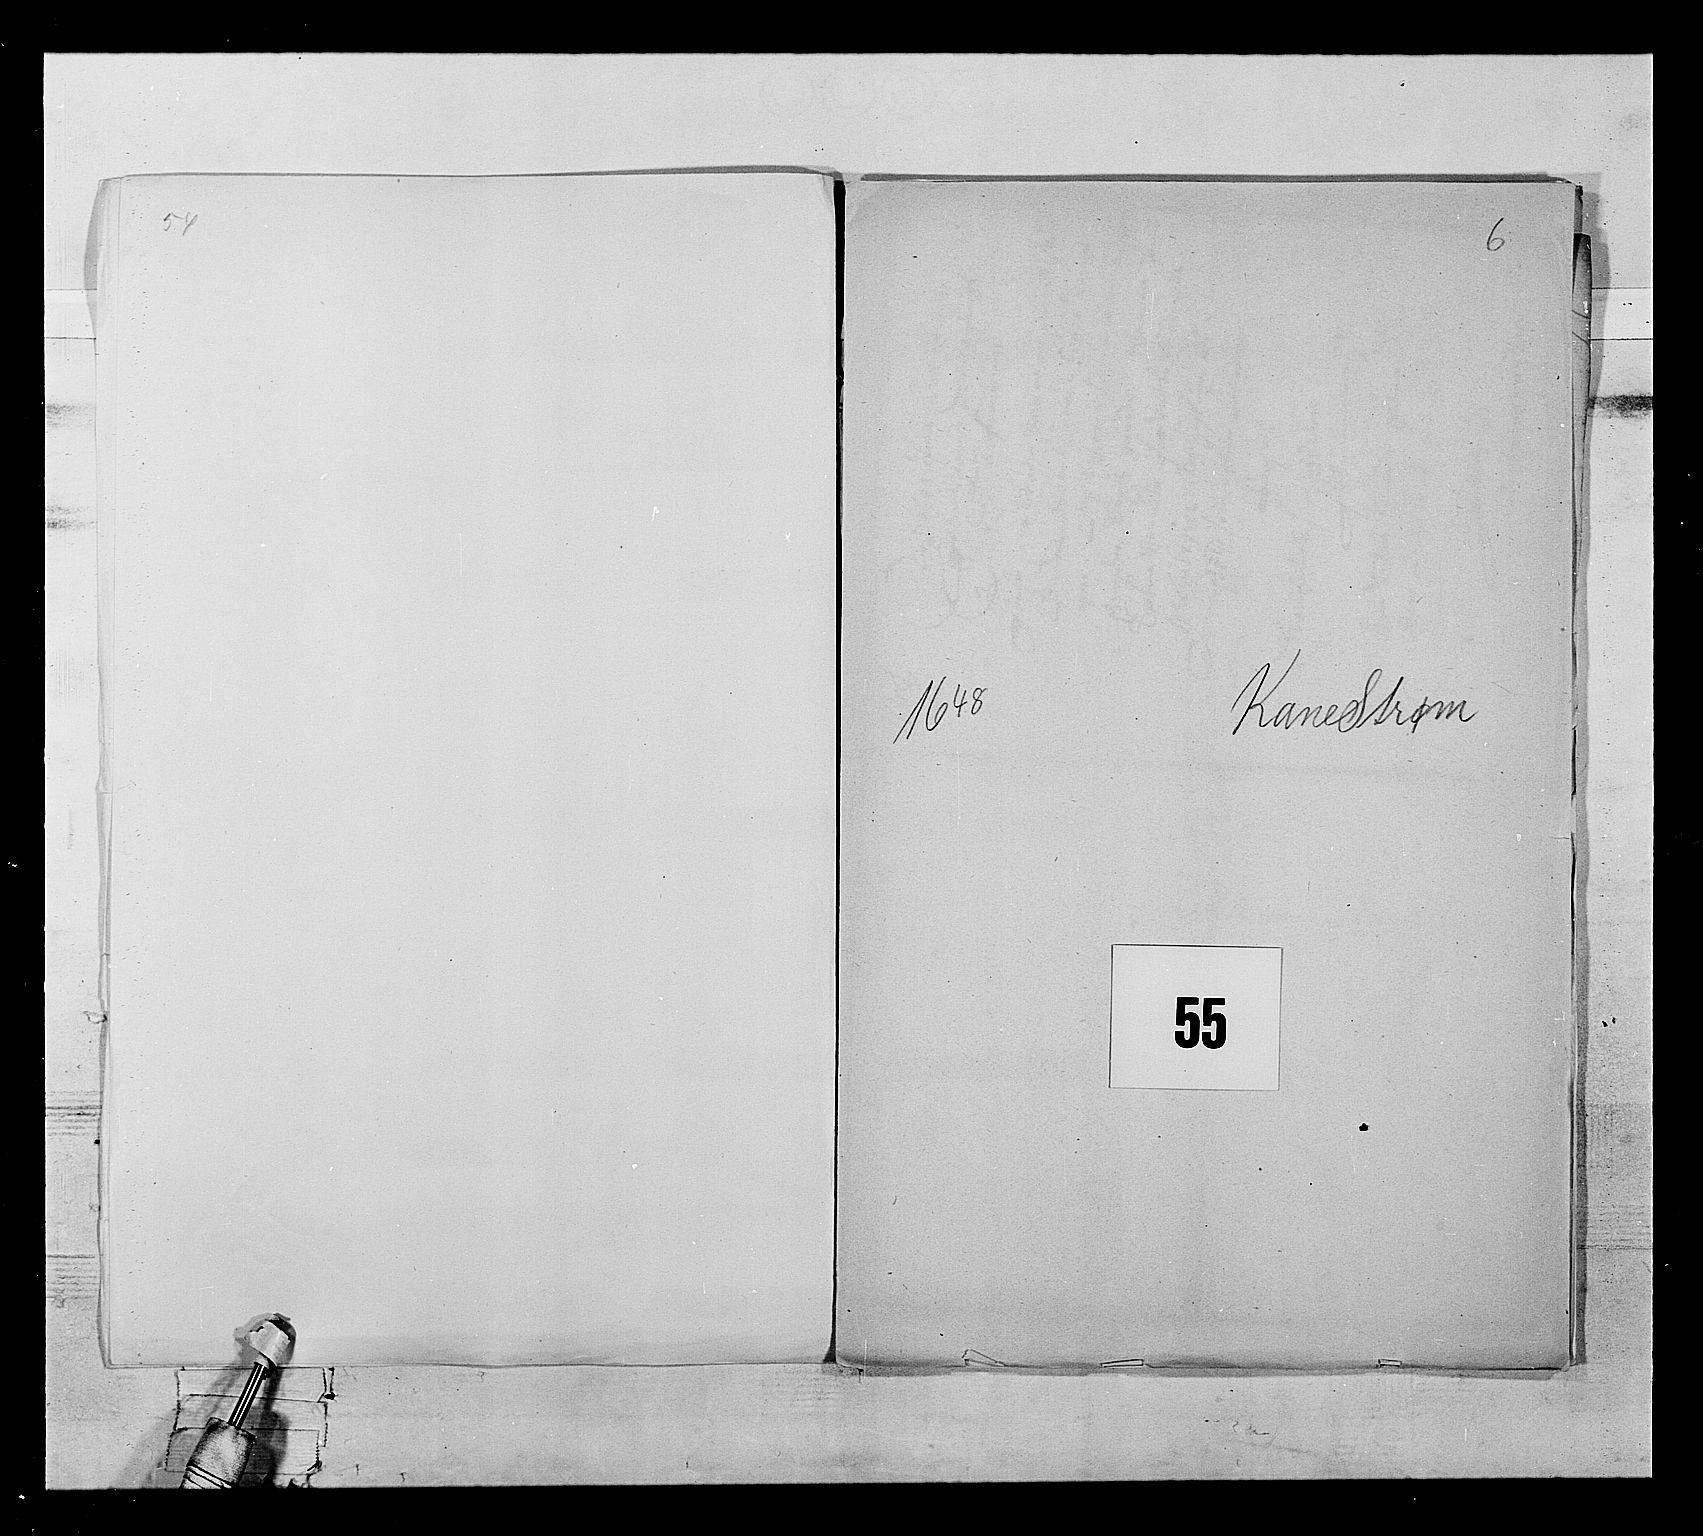 RA, Stattholderembetet 1572-1771, Ek/L0021: Jordebøker 1633-1658:, 1648, s. 26